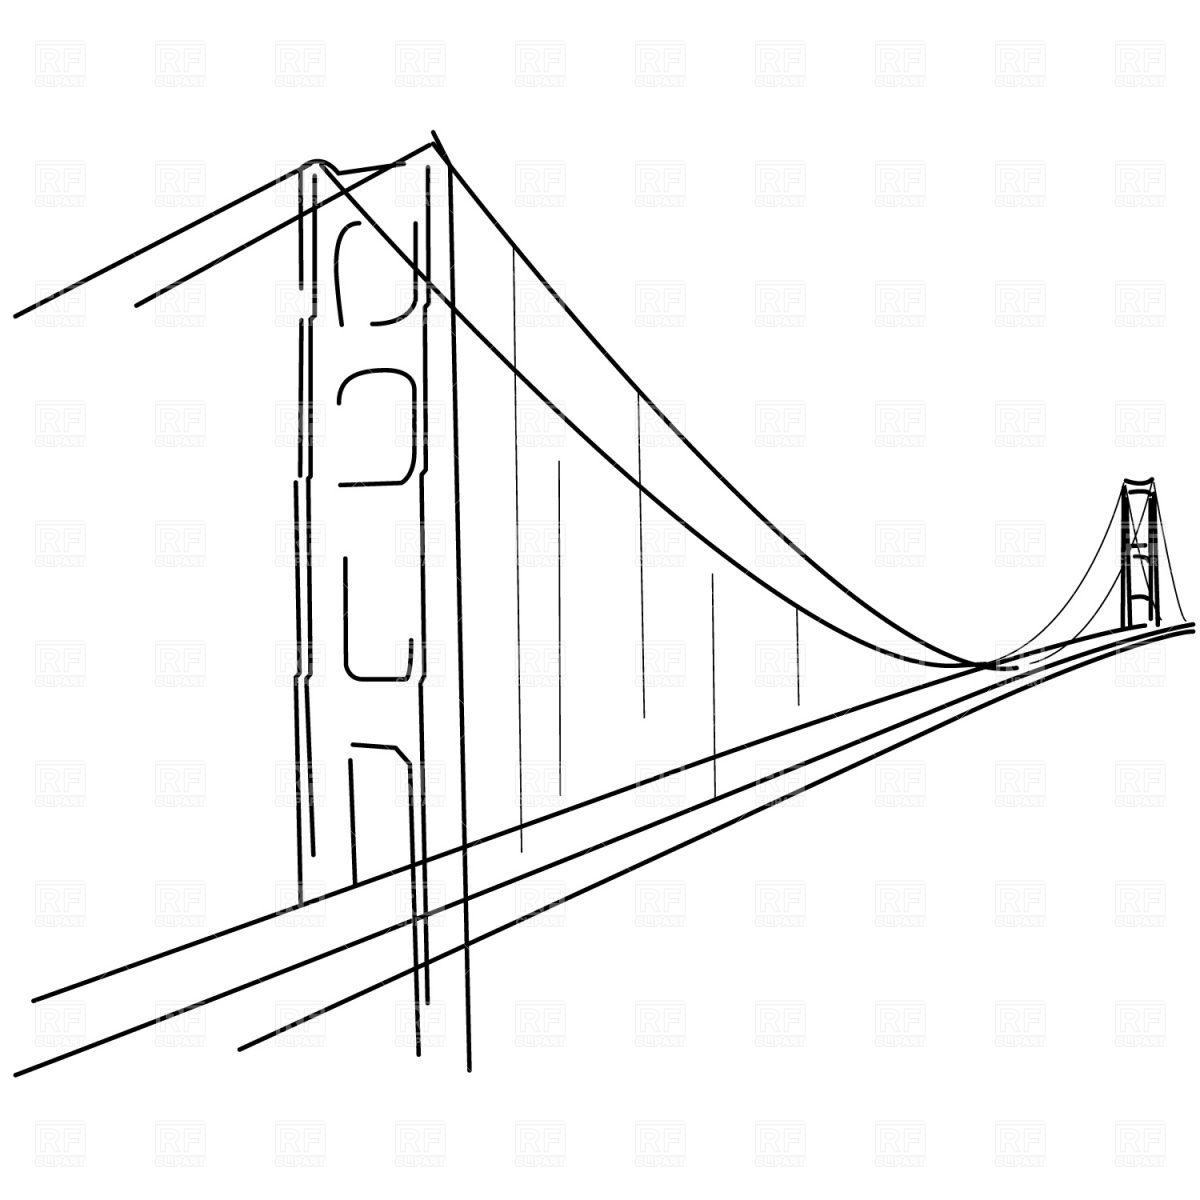 Printable coloring pages golden gate bridge - Symbolic Golden Gate Bridge Silhouette Vector Image Rfclipart